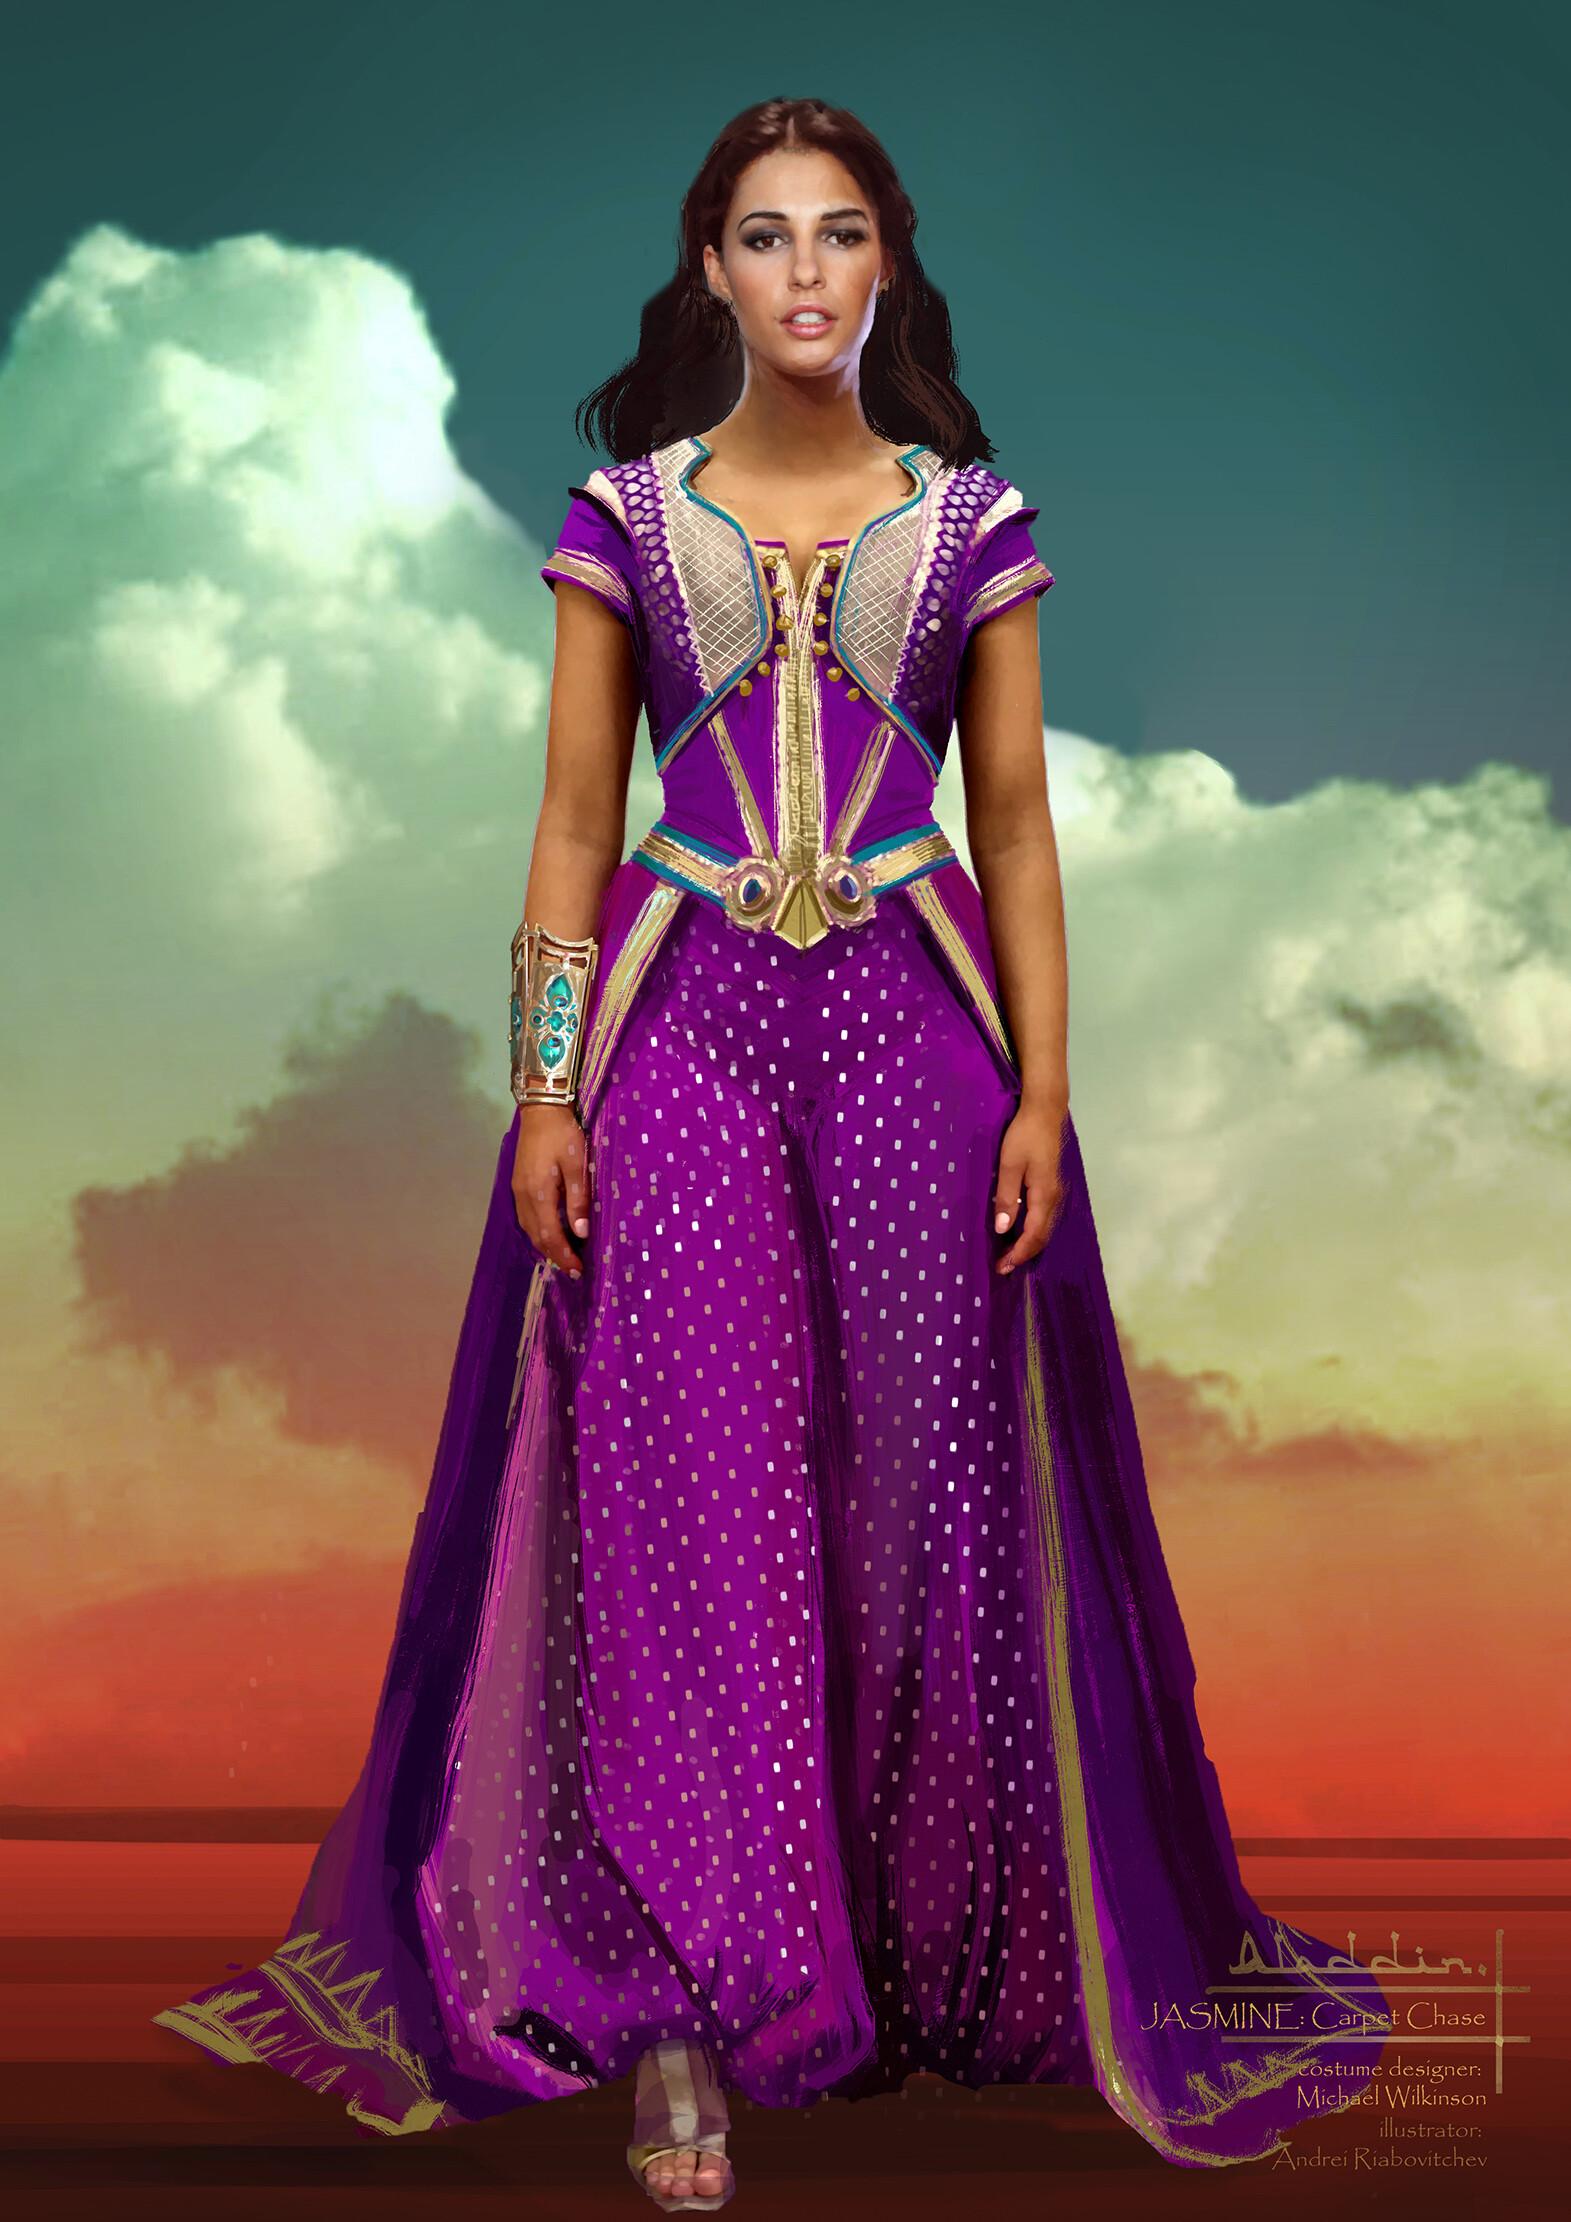 Aladdin [Disney - 2019] - Page 43 Andrei-riabovitchev-jasmine-carpet-chase-v001-001-ar